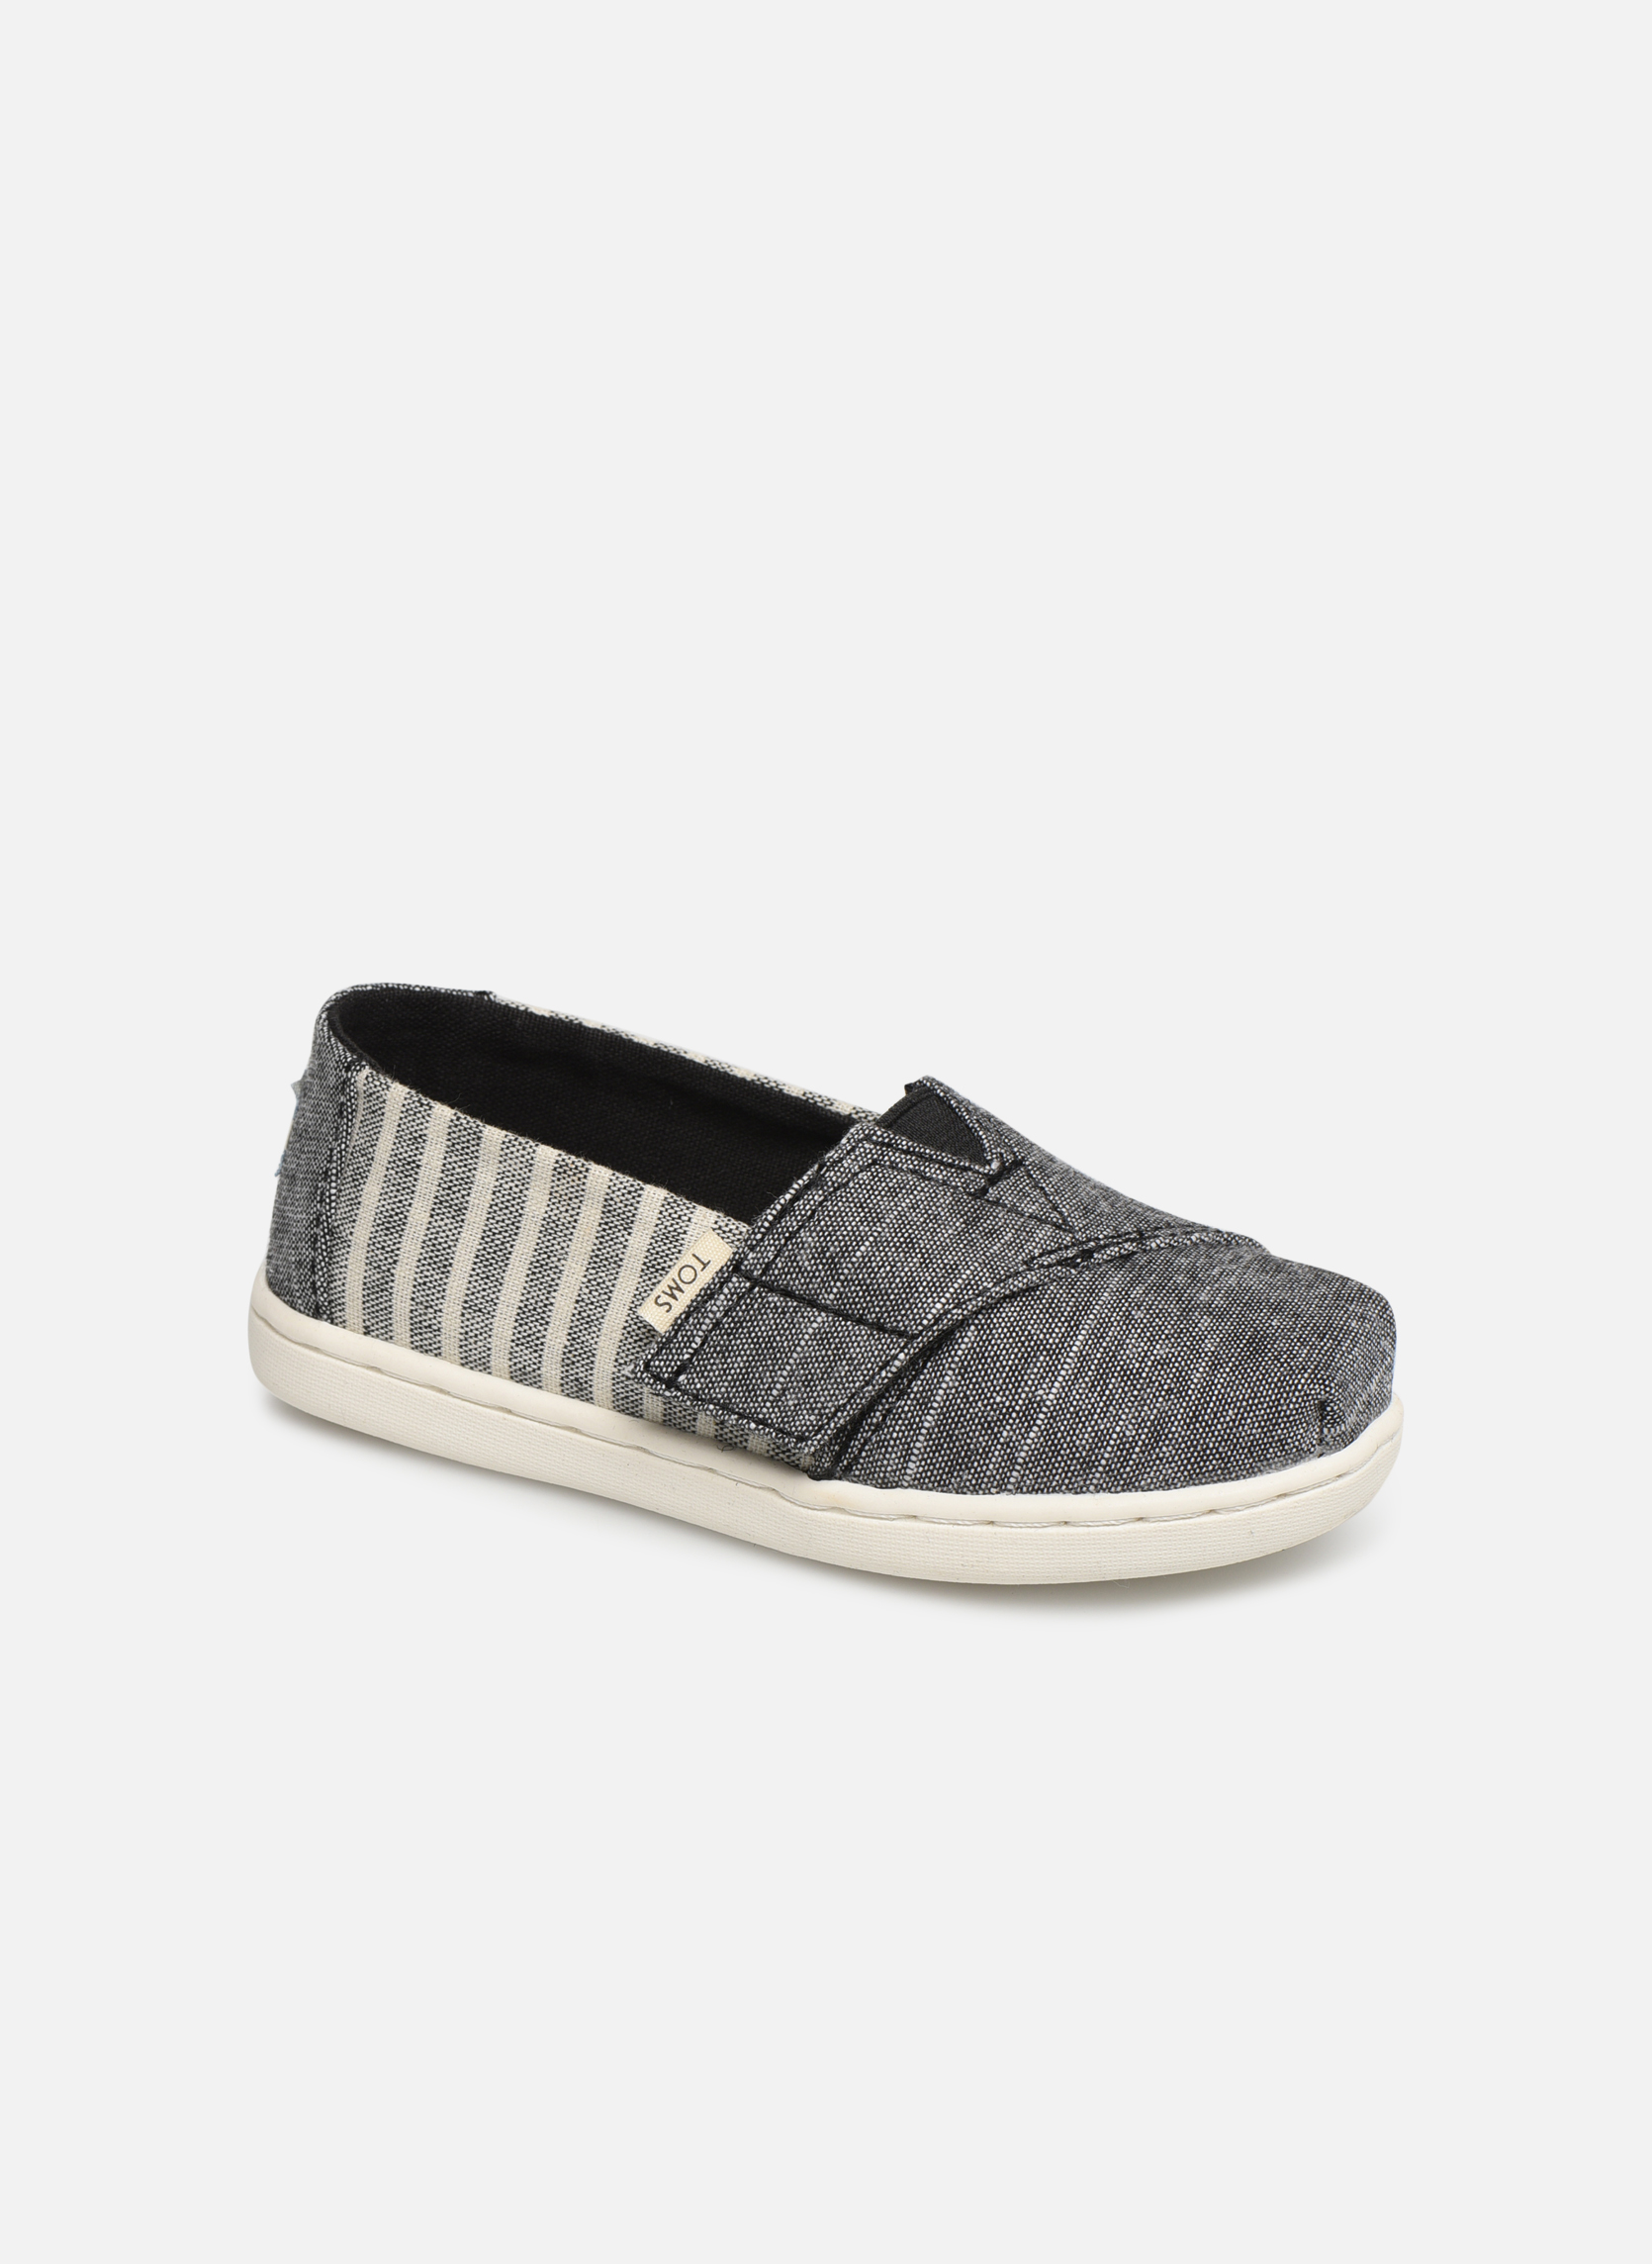 Sneakers TOMS Grijs